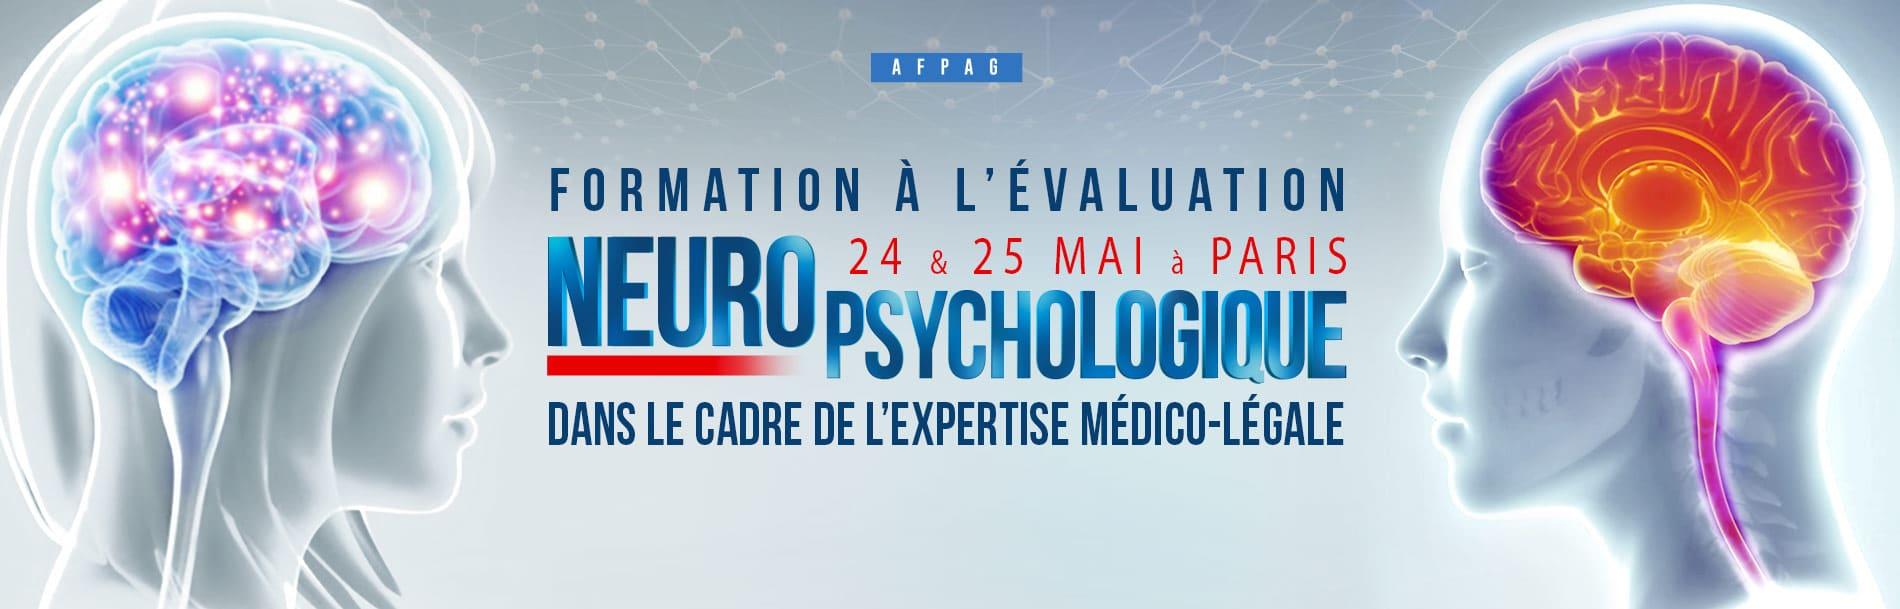 Formation évaluation neuropsychologique